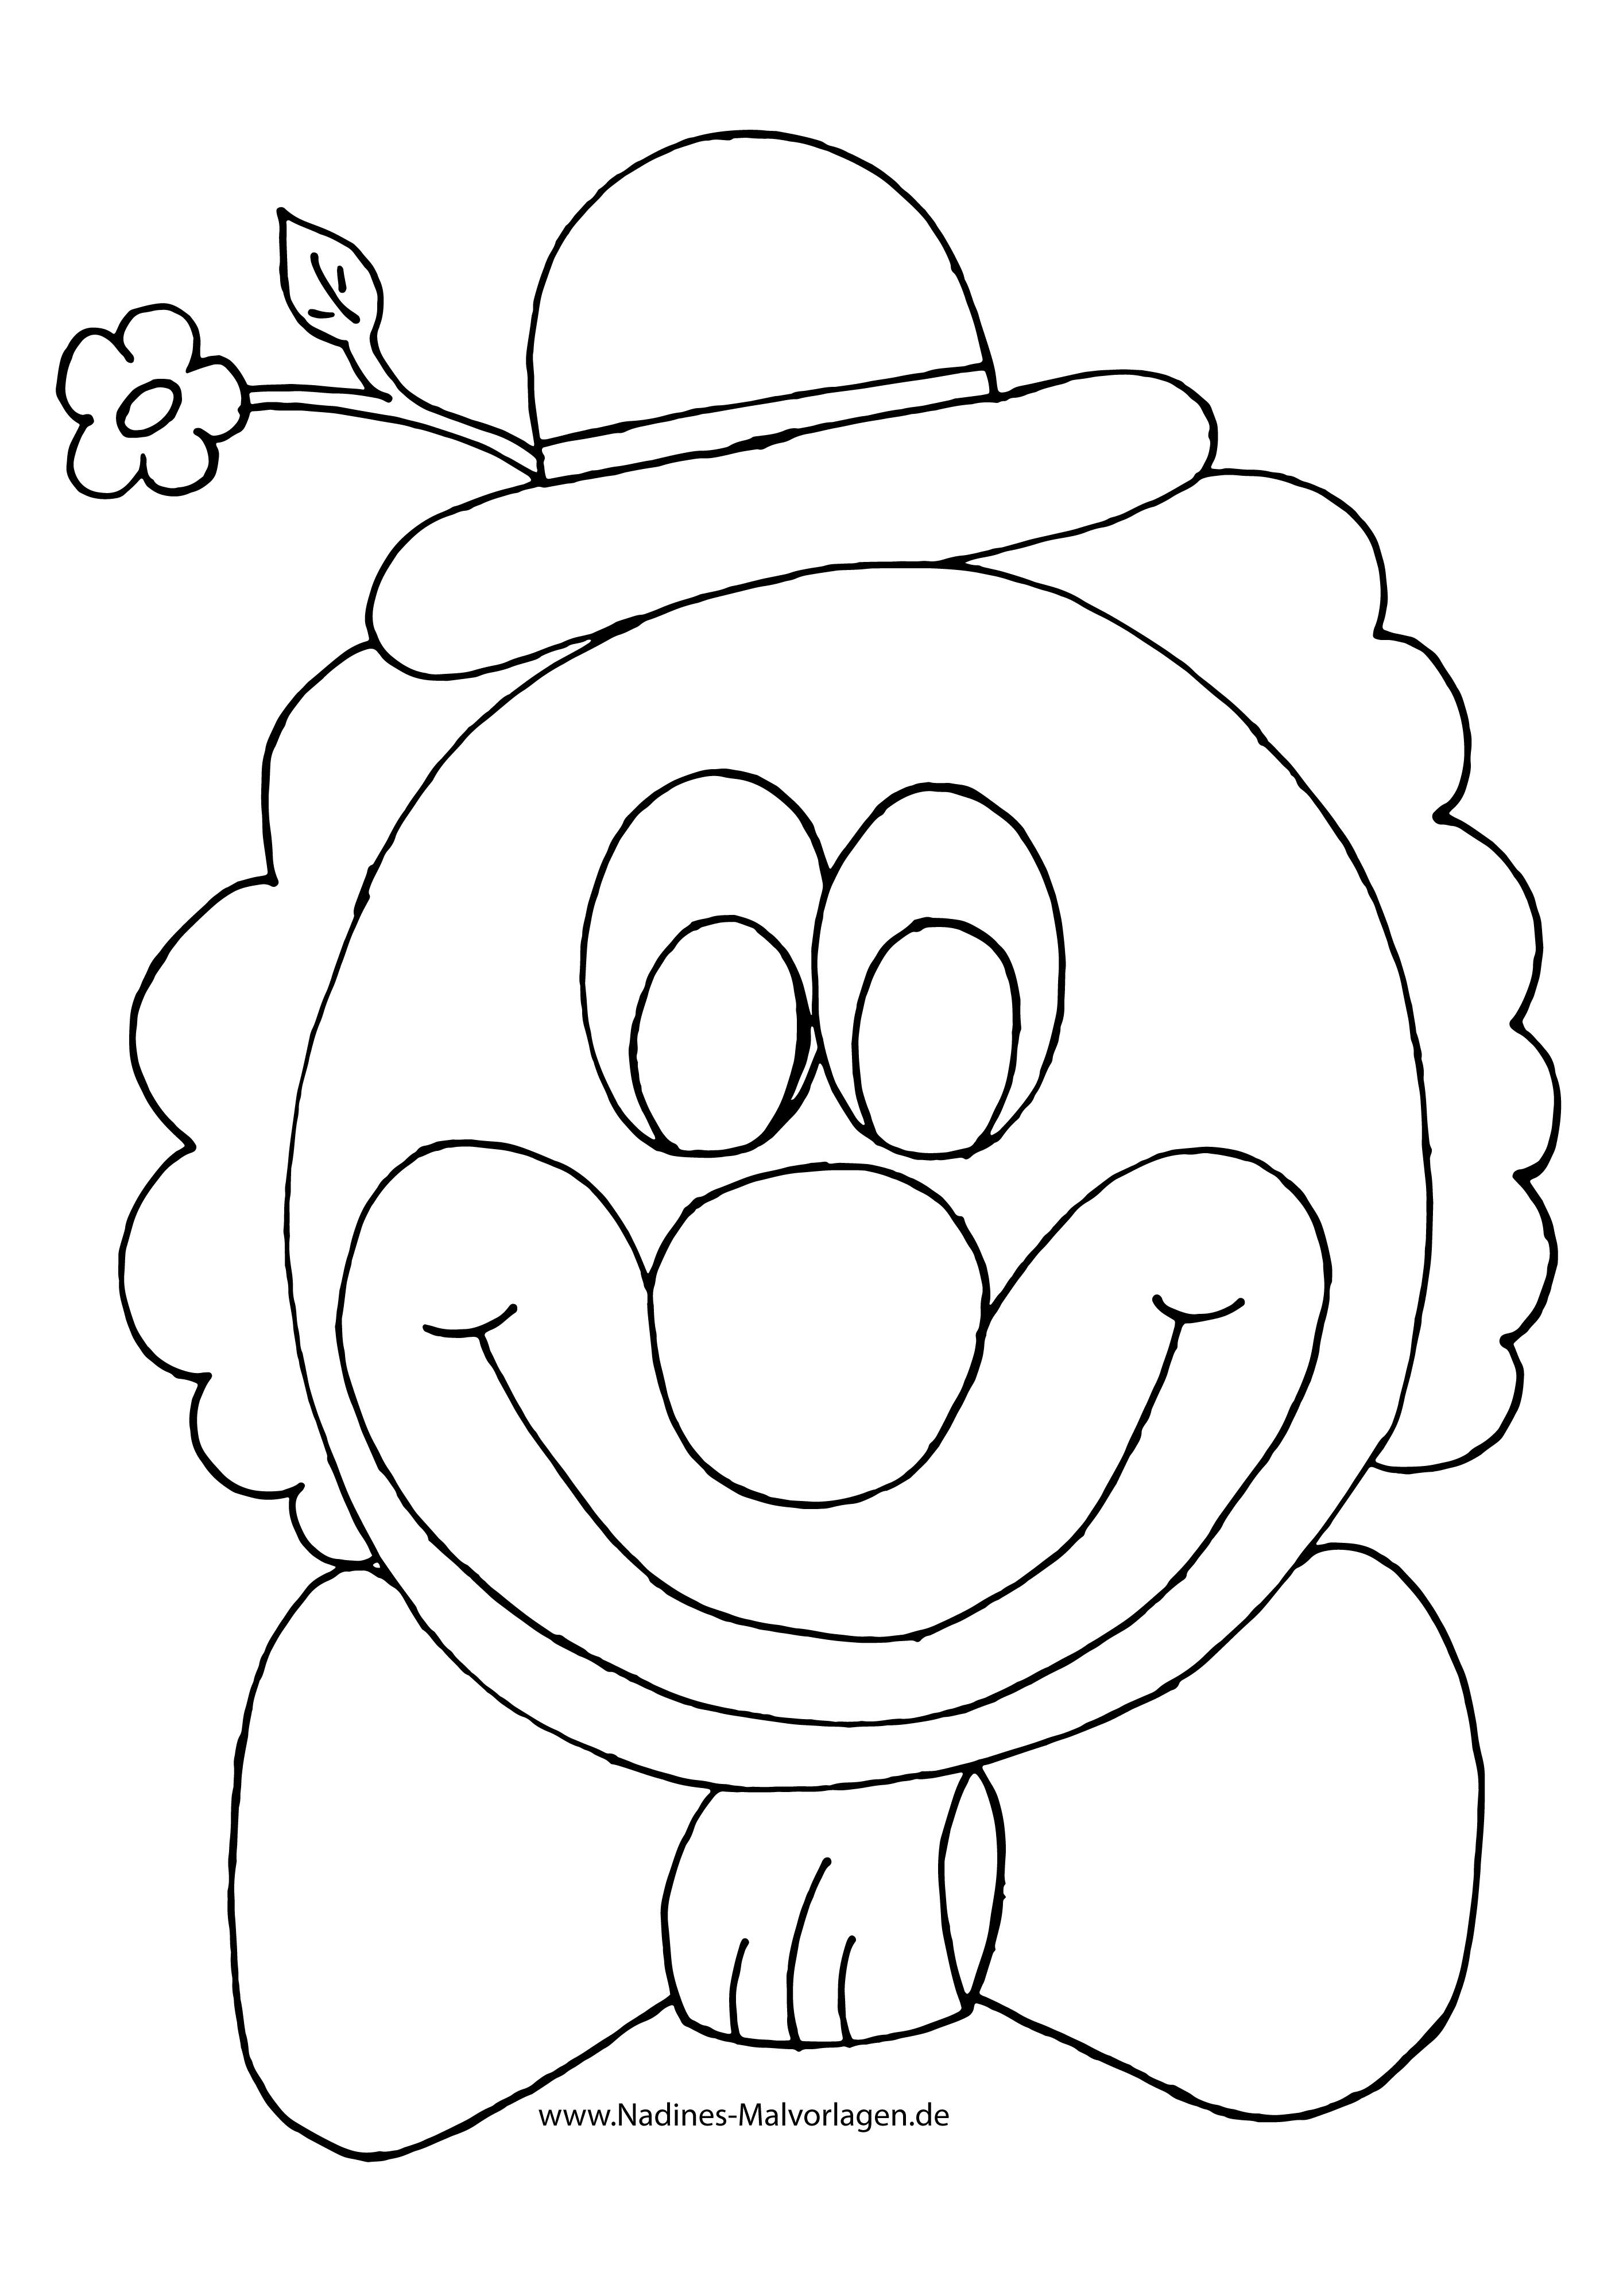 Clown Ausmalbilder  Bunter Clown mit Blume & Fliege Ausmalbild Malvorlagen